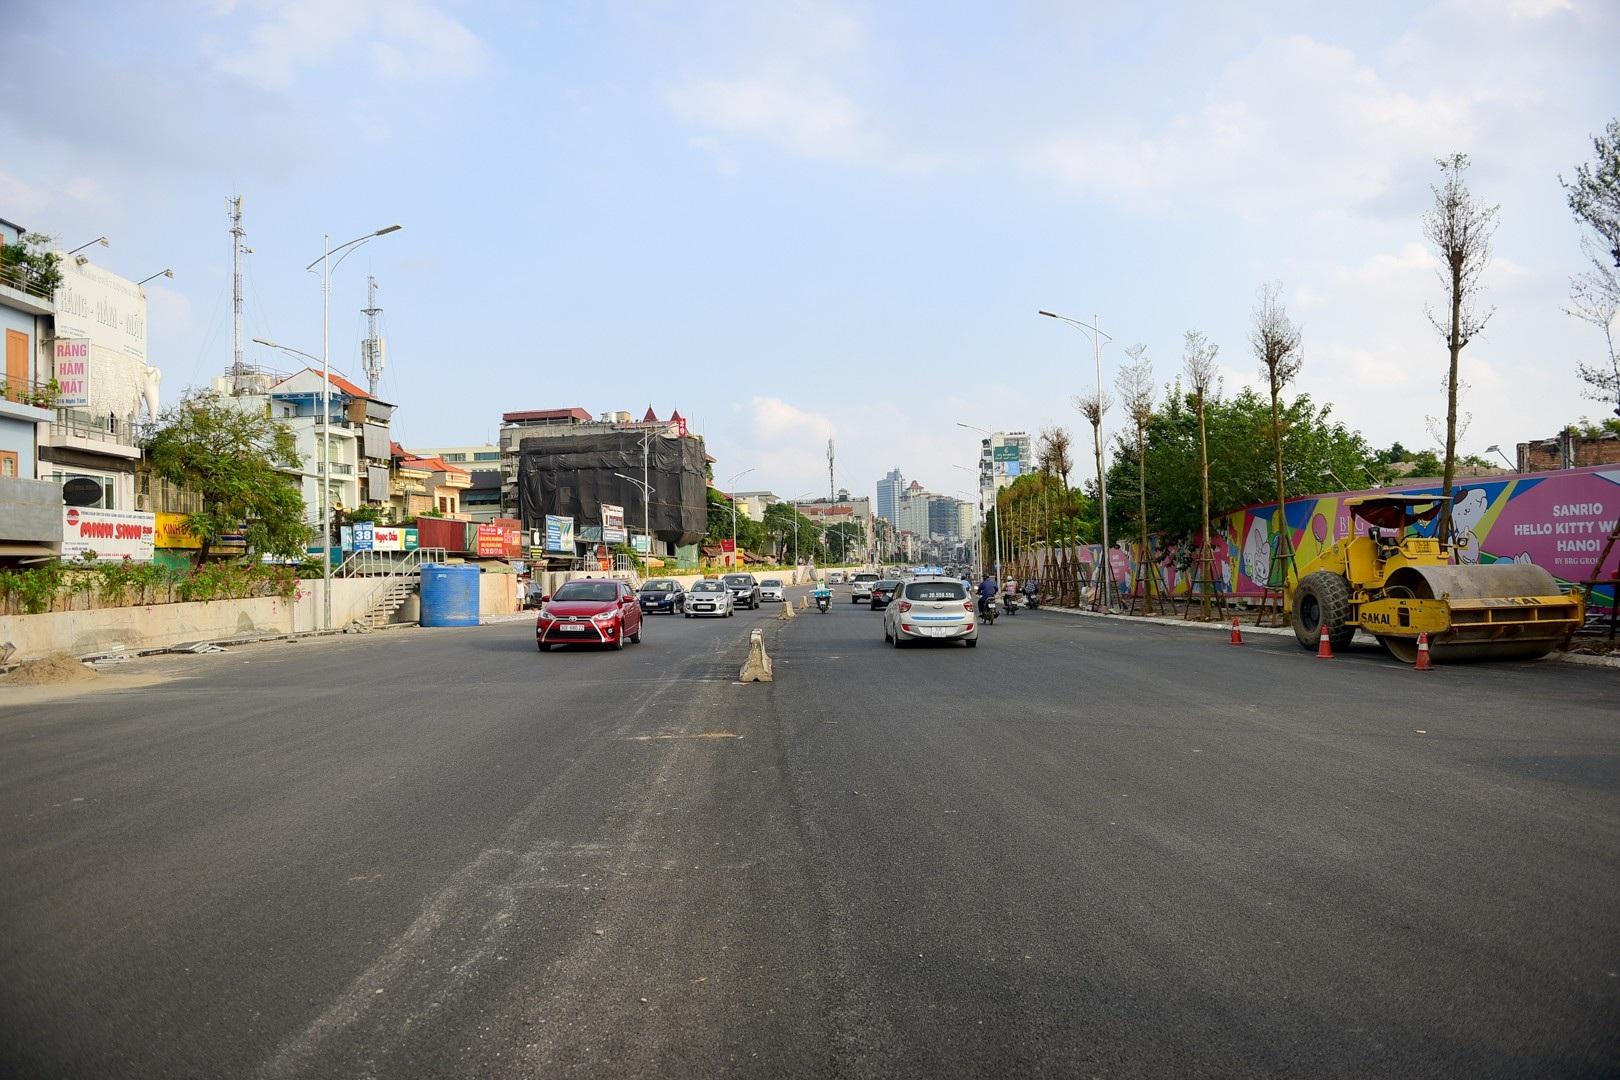 Hà Nội: Toàn cảnh dự án cầu vượt An Dương sau hơn một năm thi công - Ảnh 11.